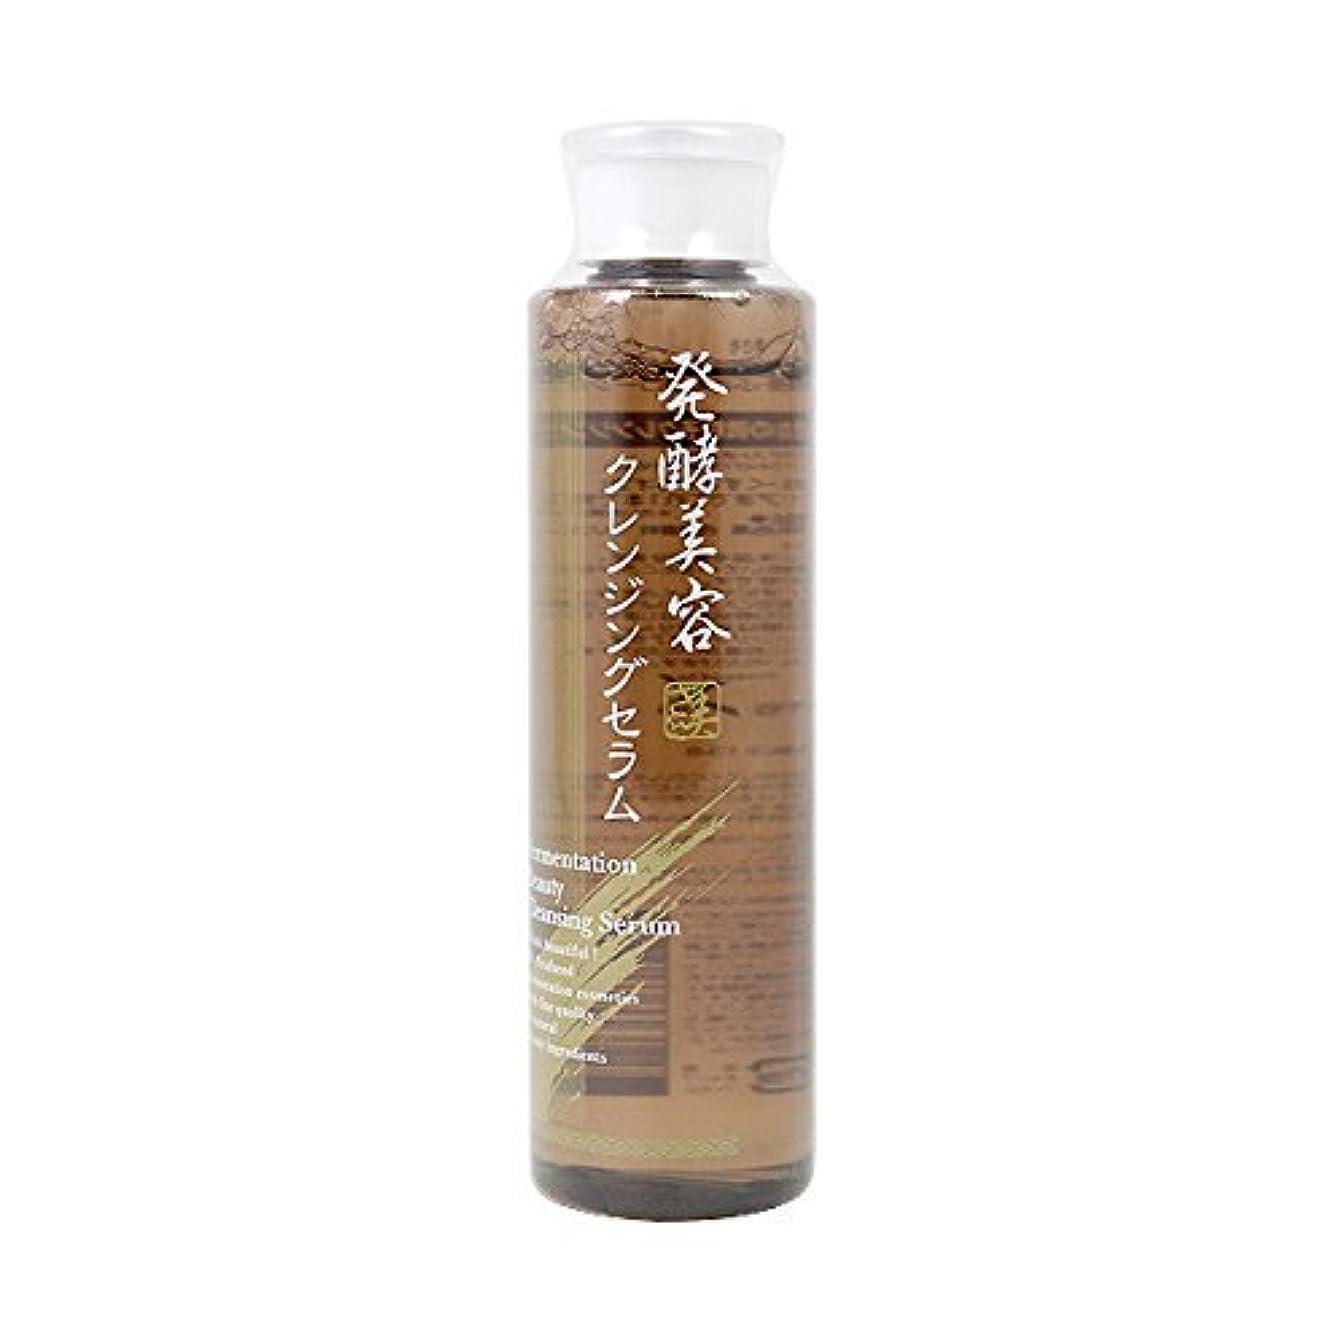 ゲインセイ先ホストシーヴァ 発酵美容 クレンジングセラム 200ml